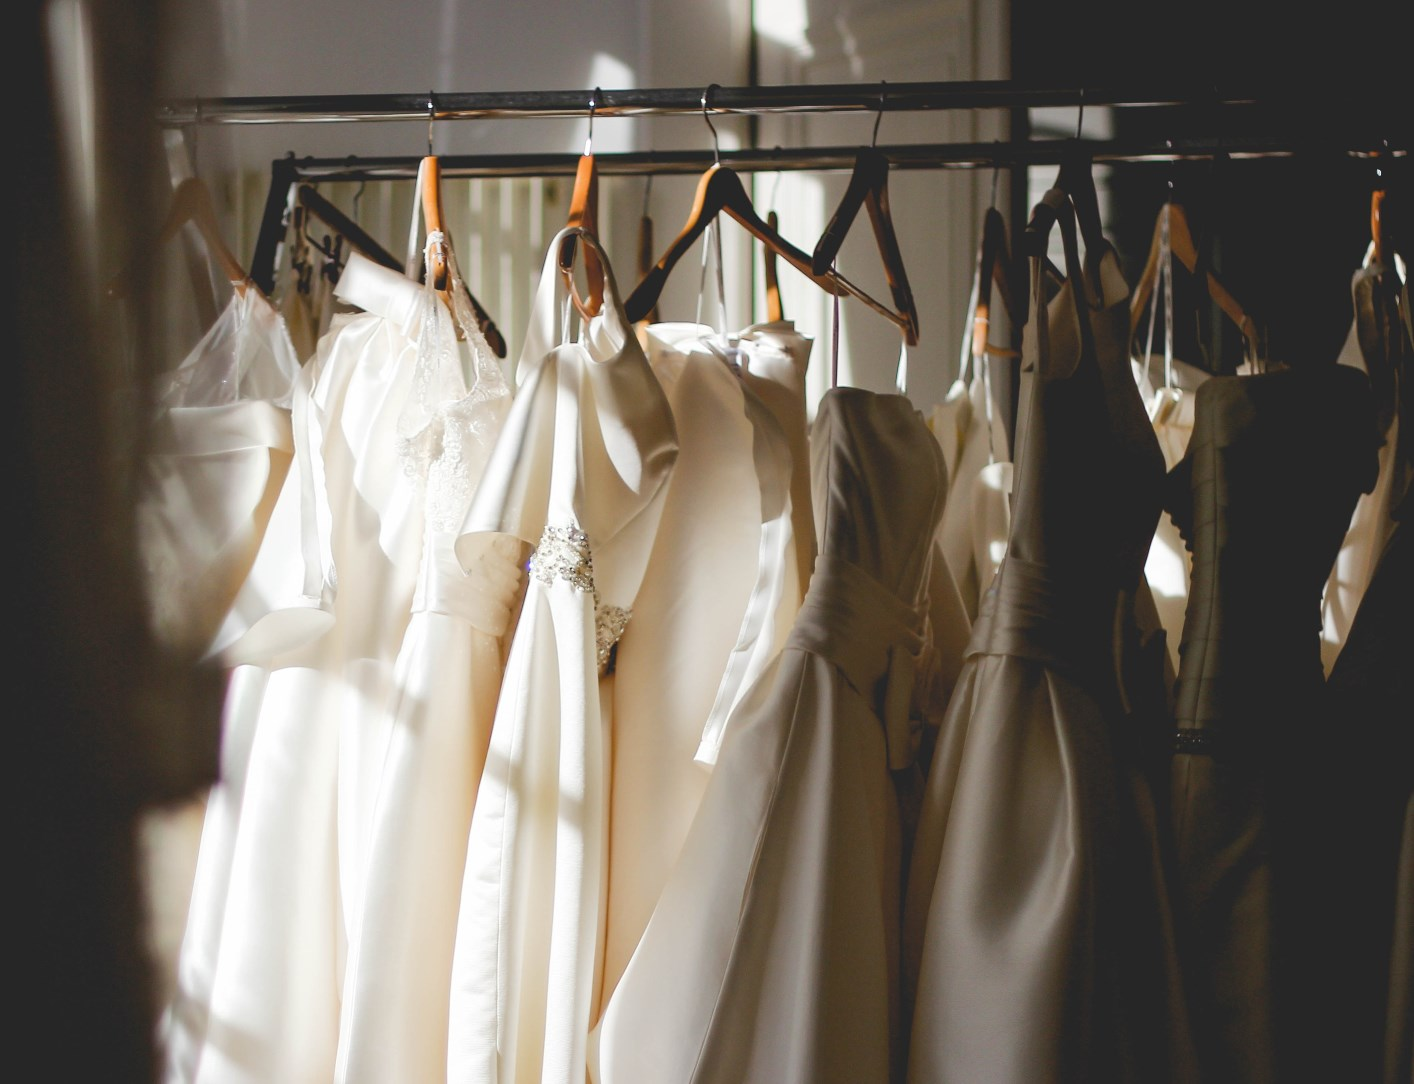 robe mariée sur portant création Berric Anais